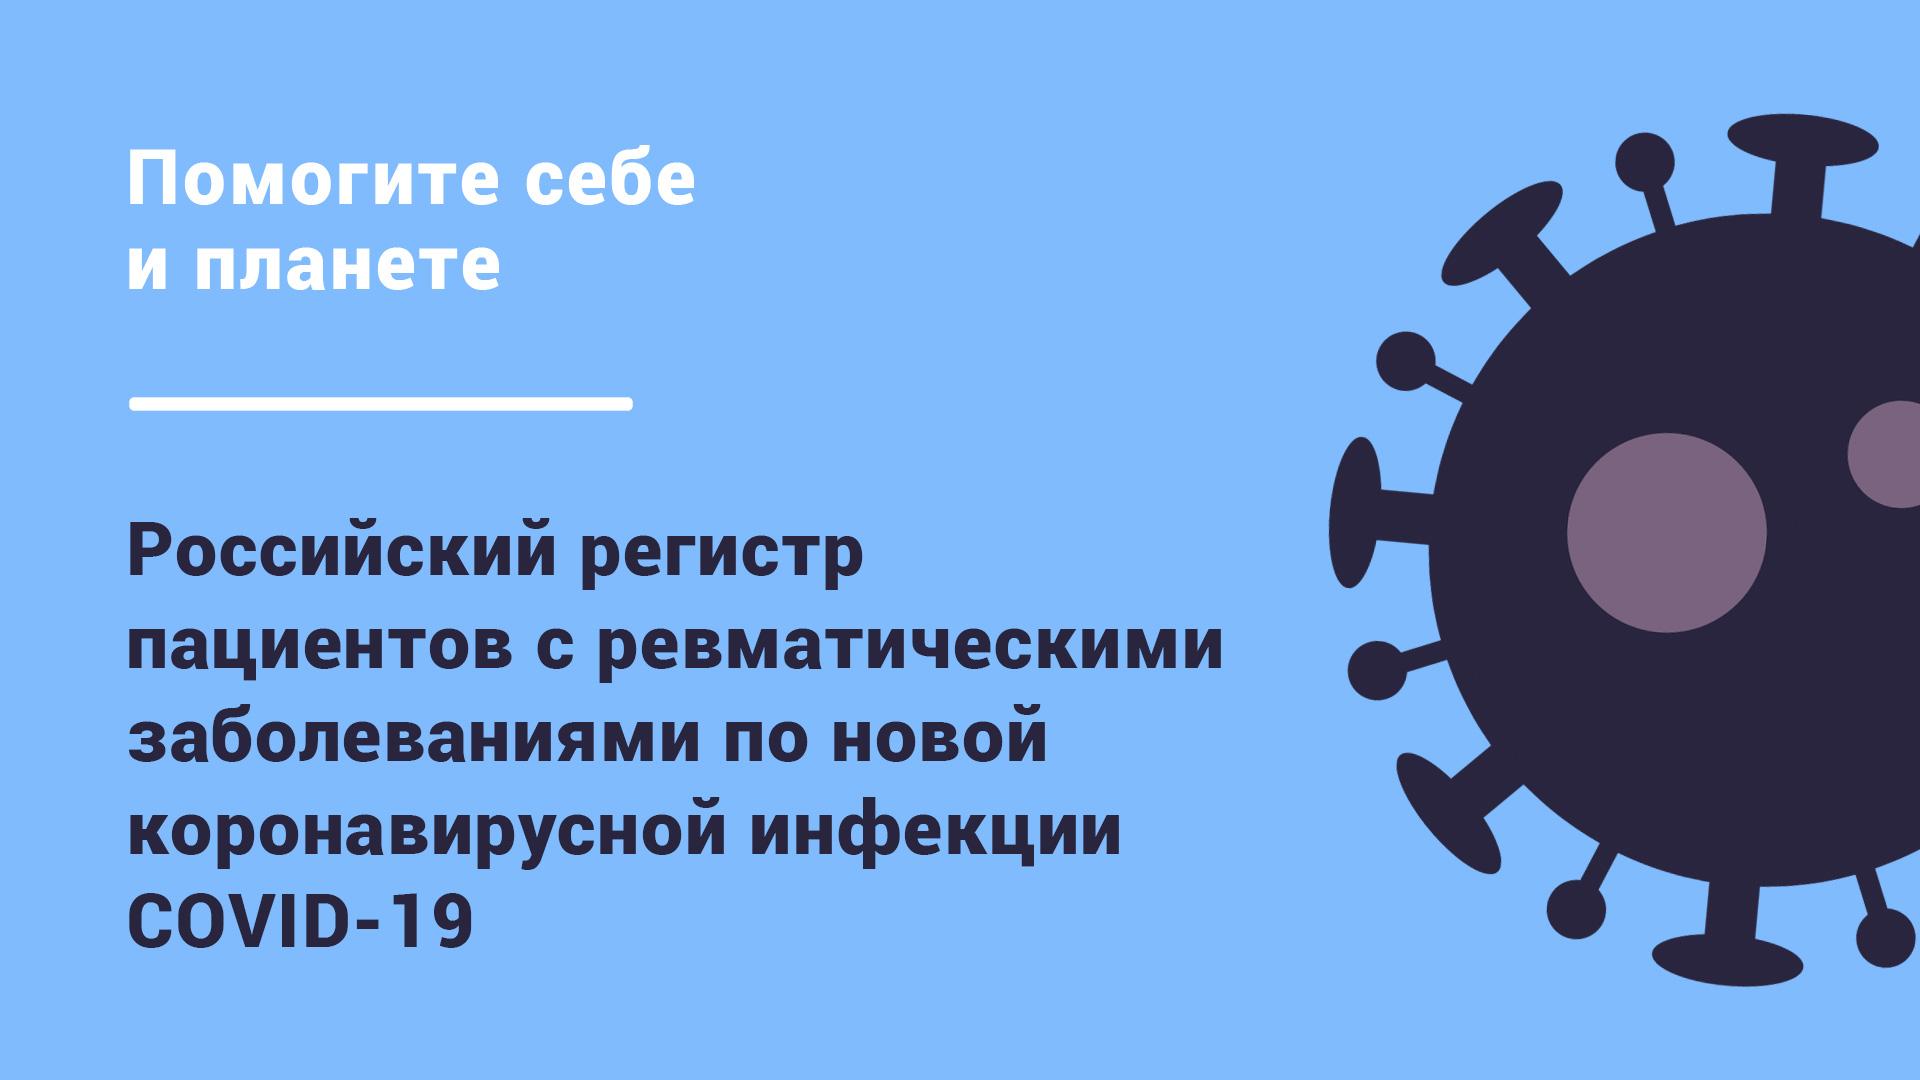 Начал работу российский регистр пациентов с РЗ по COVID-19